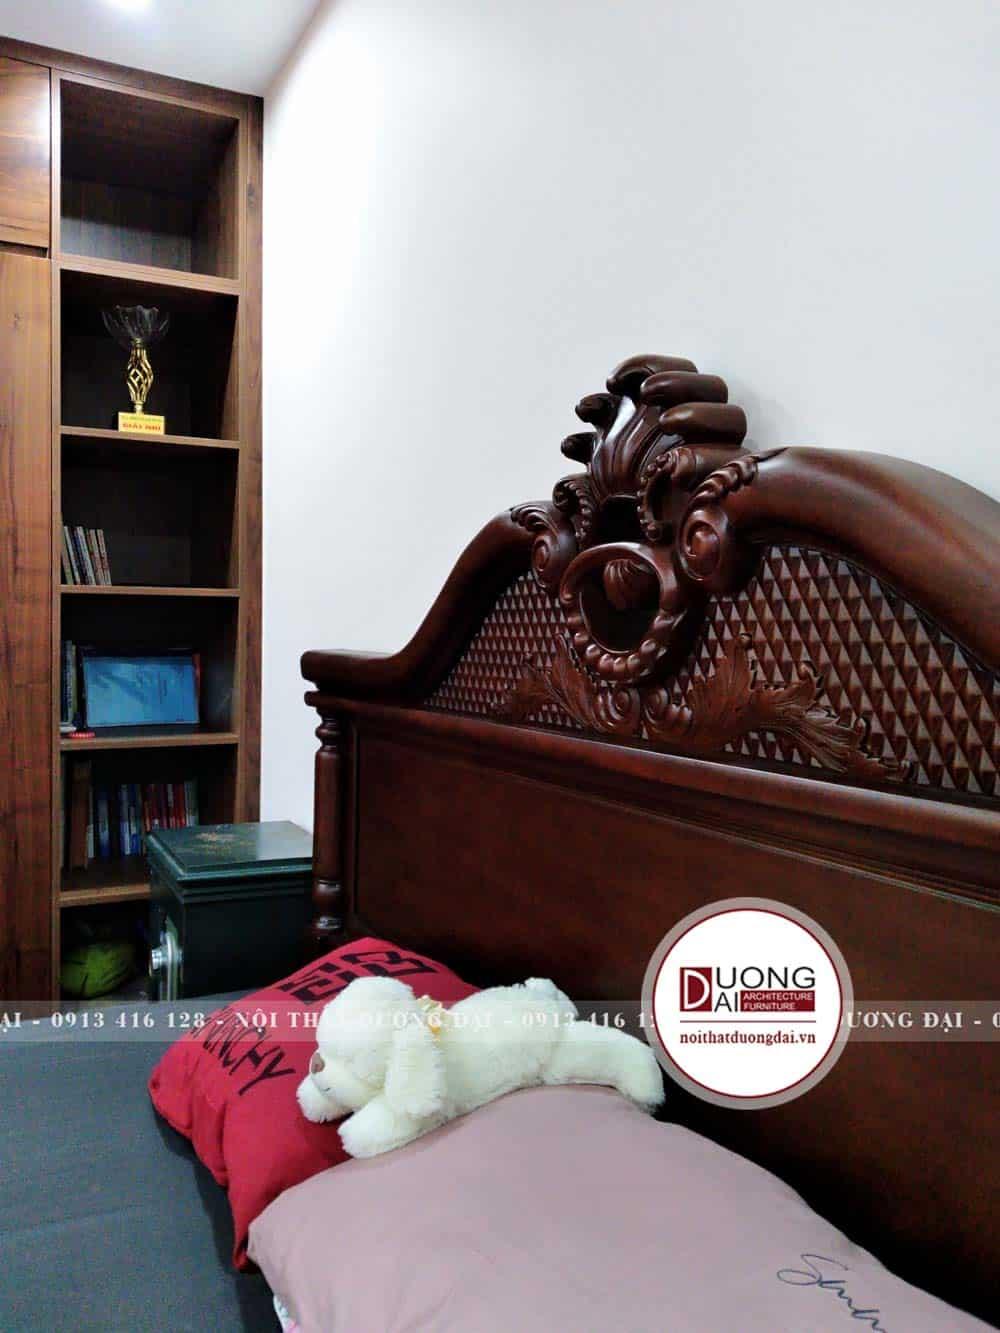 Thiết kế đầu giường được điêu khắc tinh xảo và đầy nghệ thuật